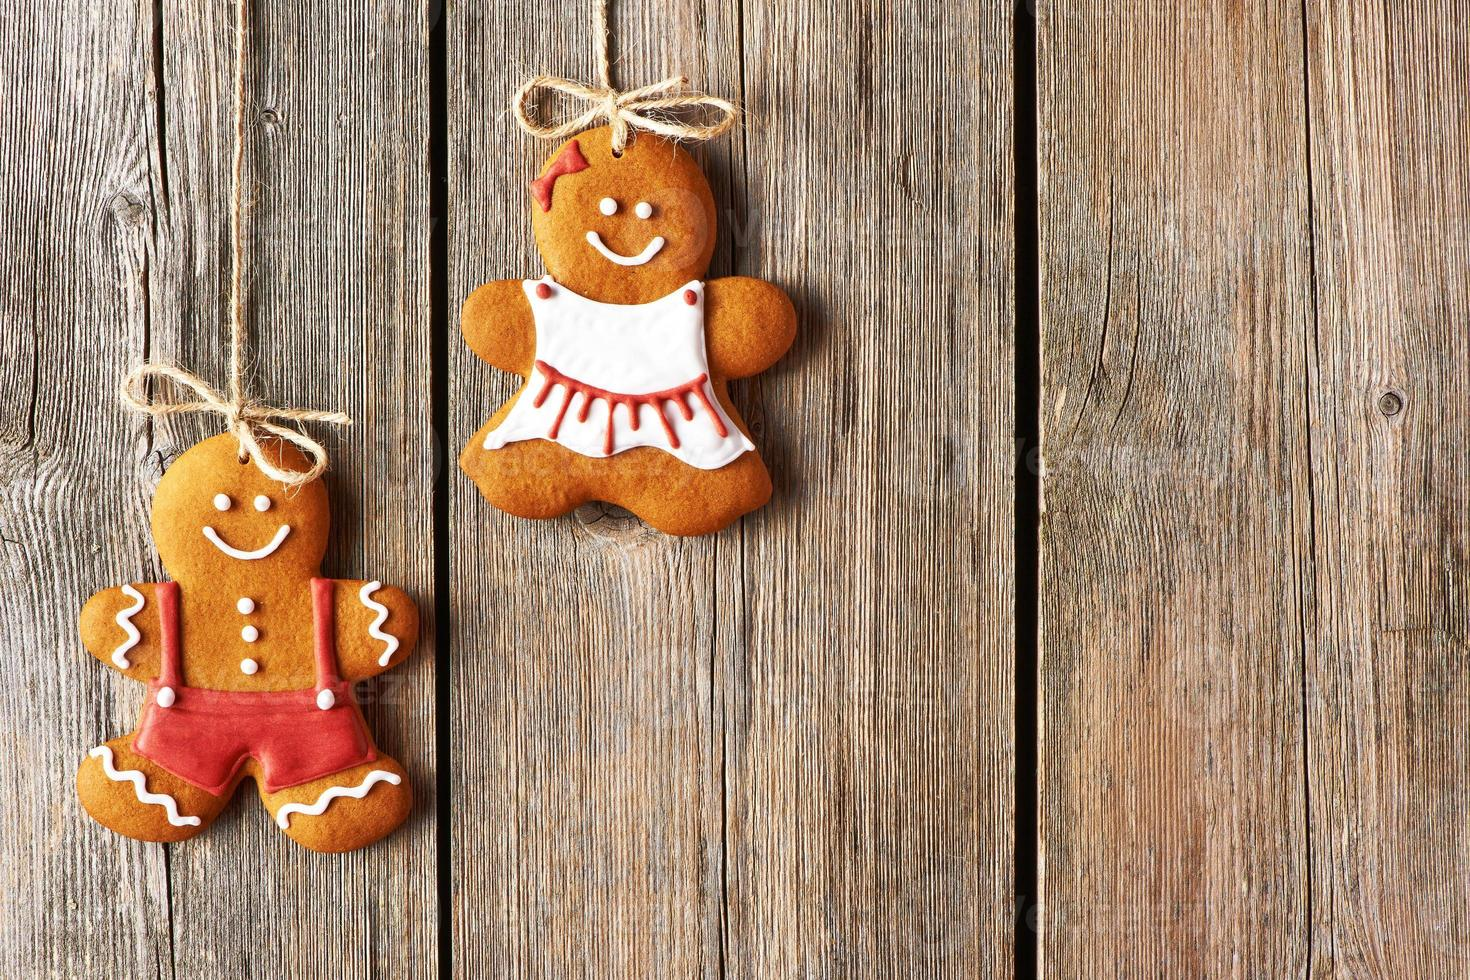 Weihnachten hausgemachte Lebkuchenpaar Kekse foto